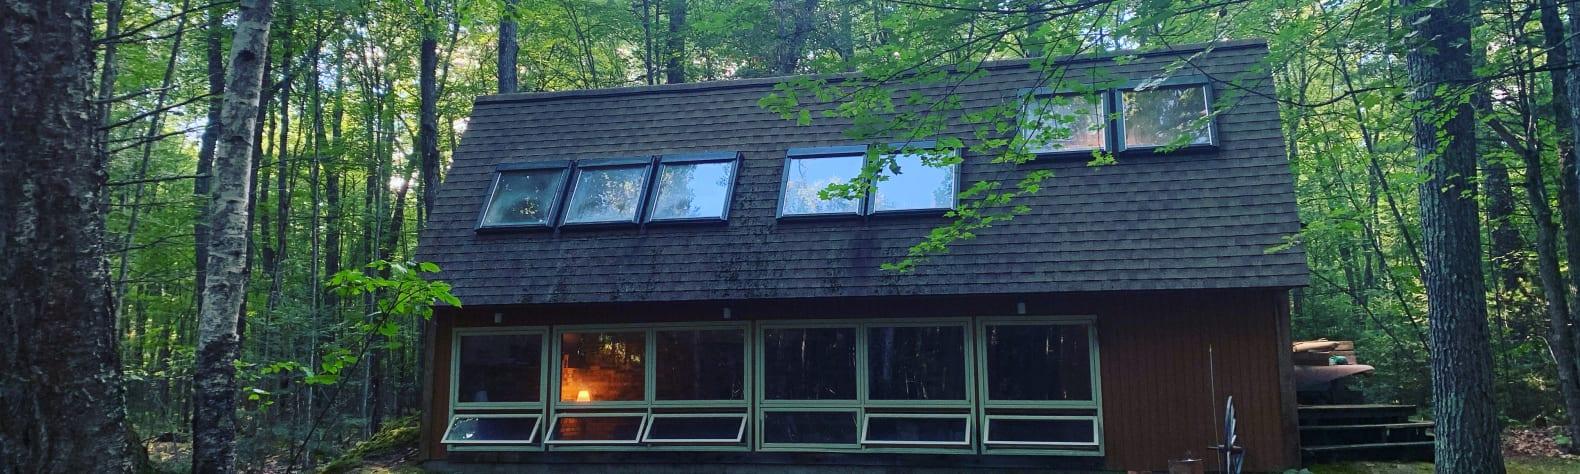 Kimpel Cottage